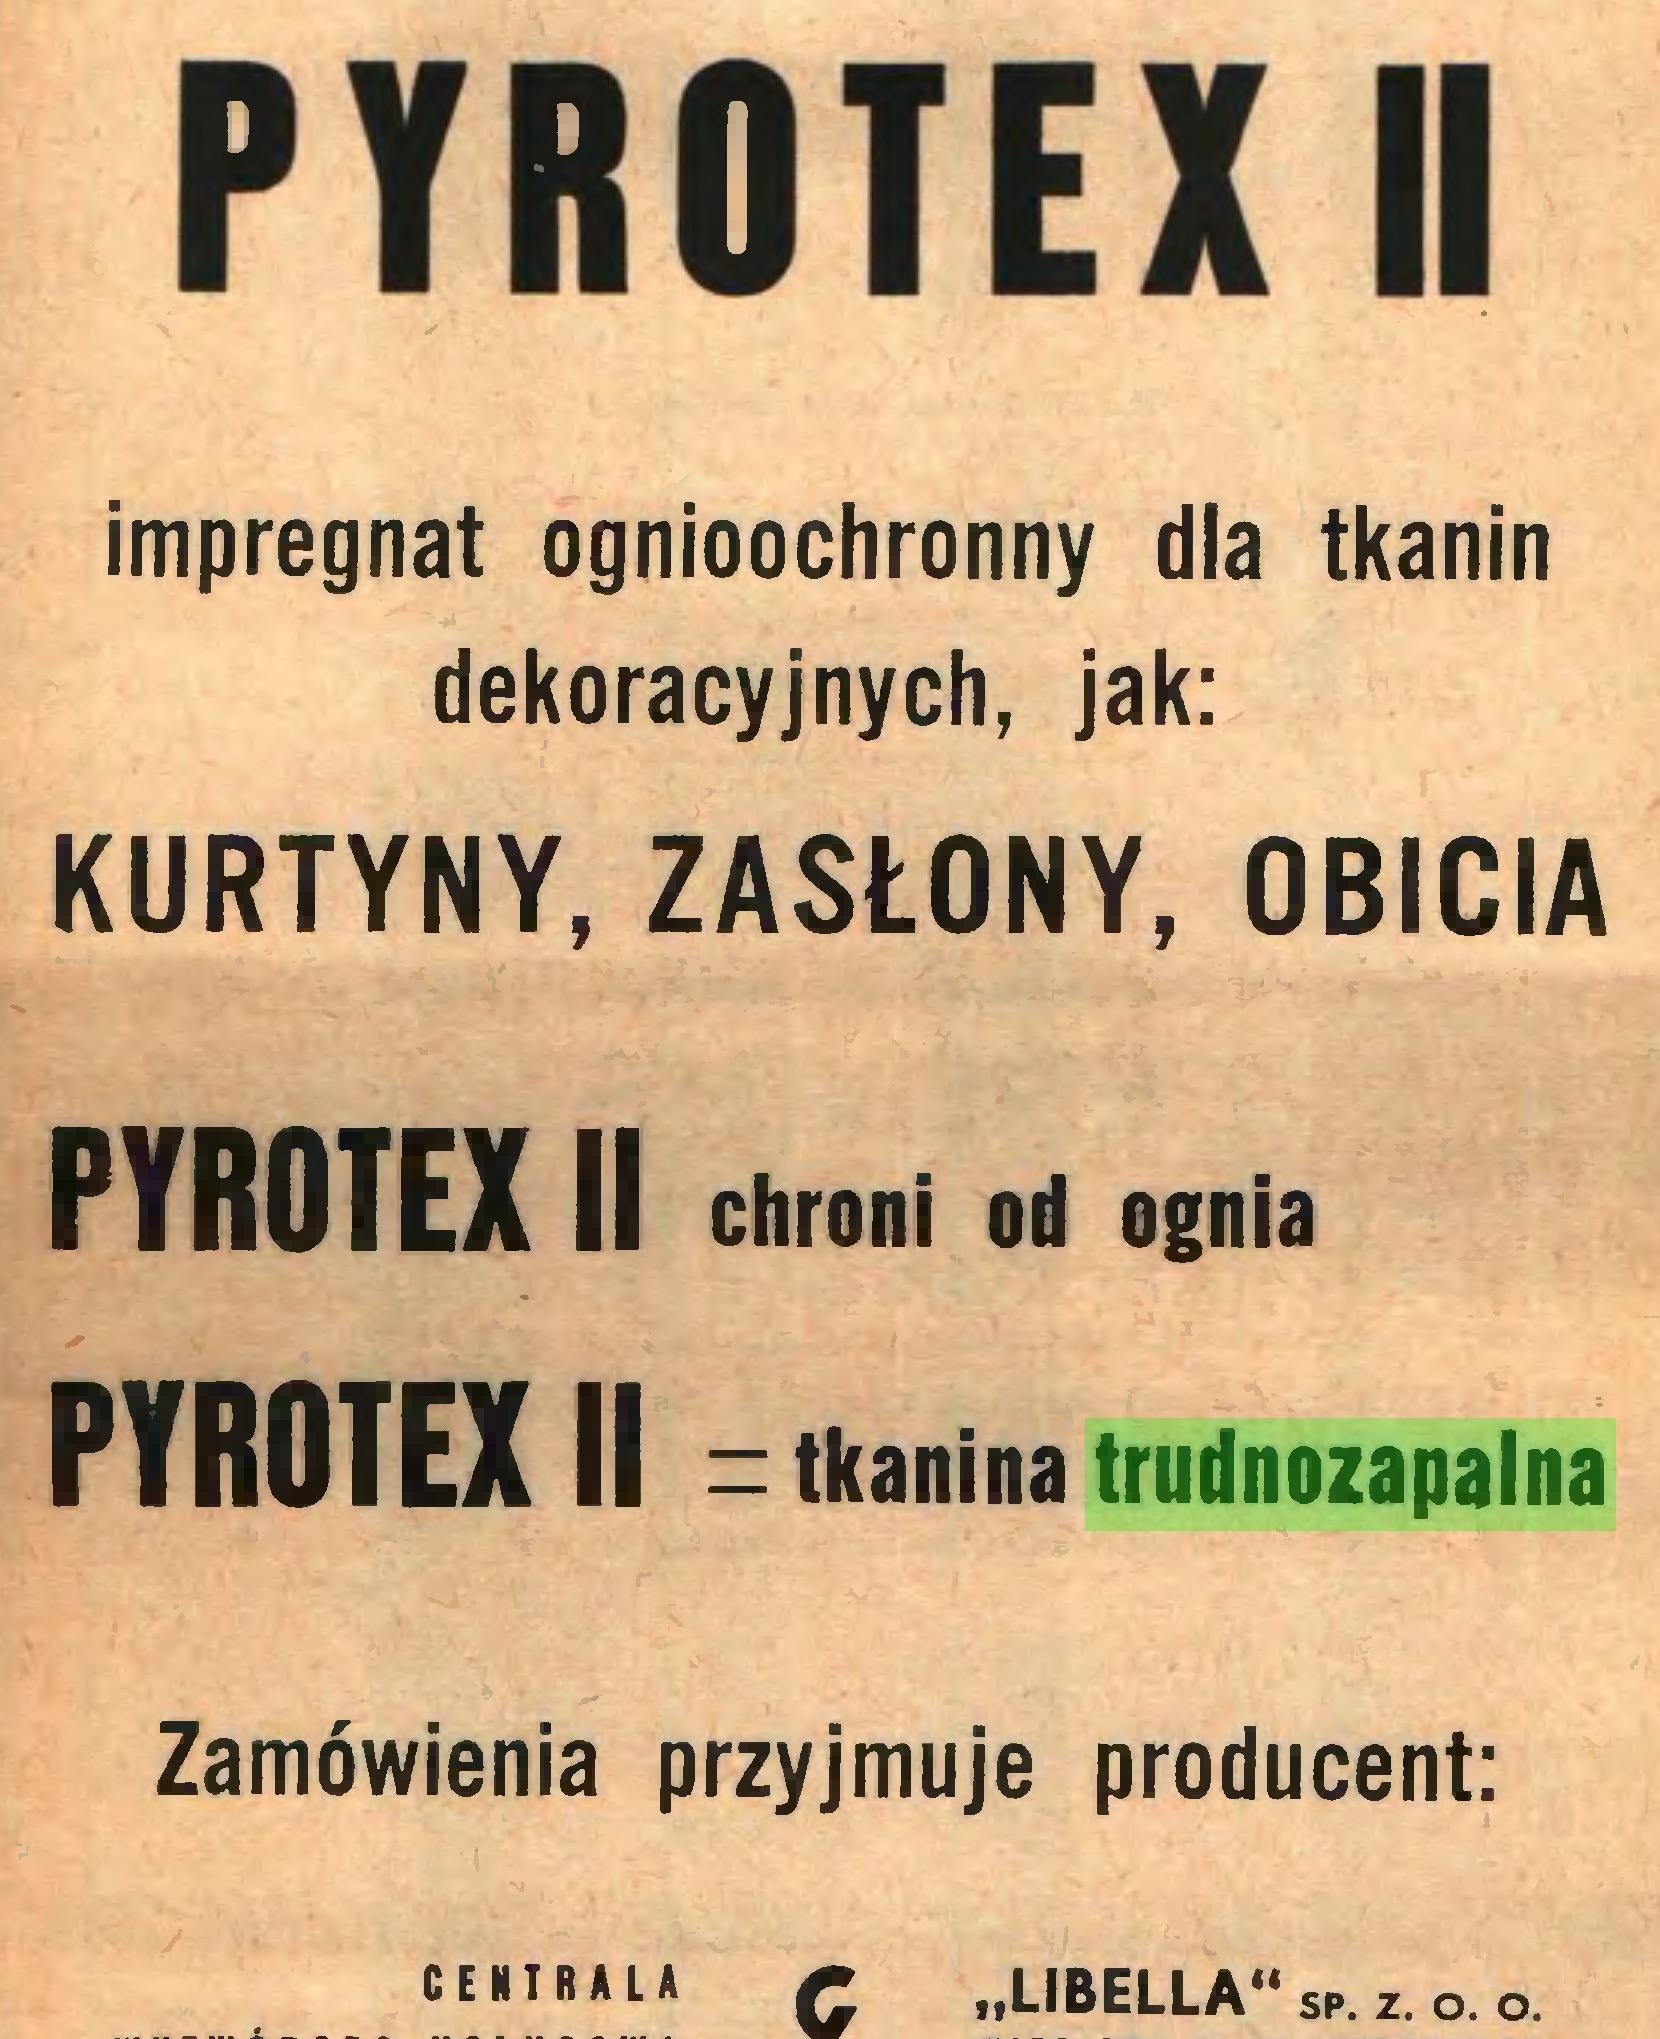 """(...) PYR0TEX II impregnat ognioochronny dla tkanin dekoracyjnych, jak: KURTYNY, ZASŁONY, OBICIA PYR0TEXII chroni od ognia PYR0TEXII = tkanina trudnozapalna Zamówienia przyjmuje producent: CENTRALA £ """"LIBELLA"""" sp. z. o. o..."""